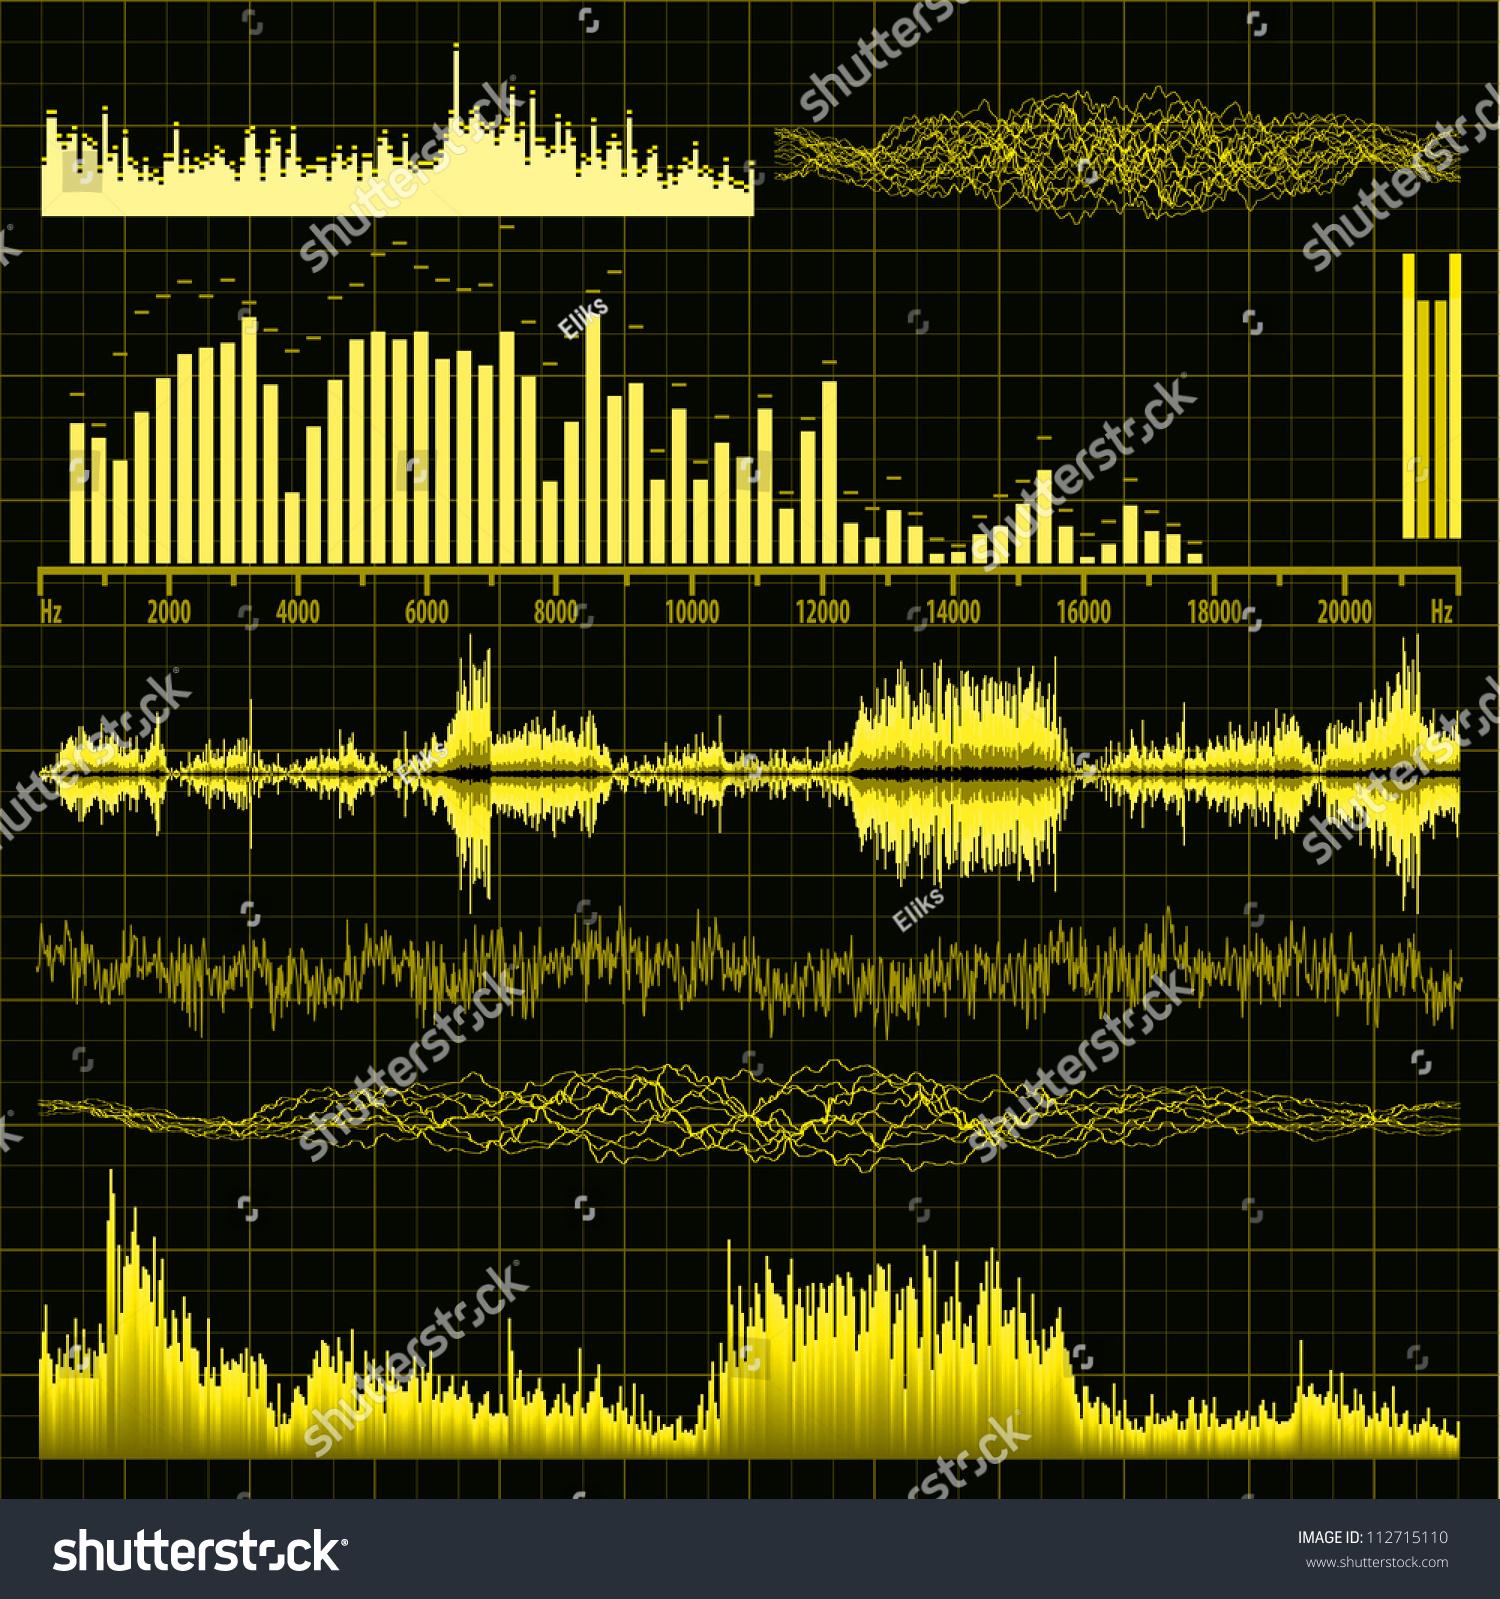 声波集.音乐背景.每股收益8矢量文件包括-背景/素材